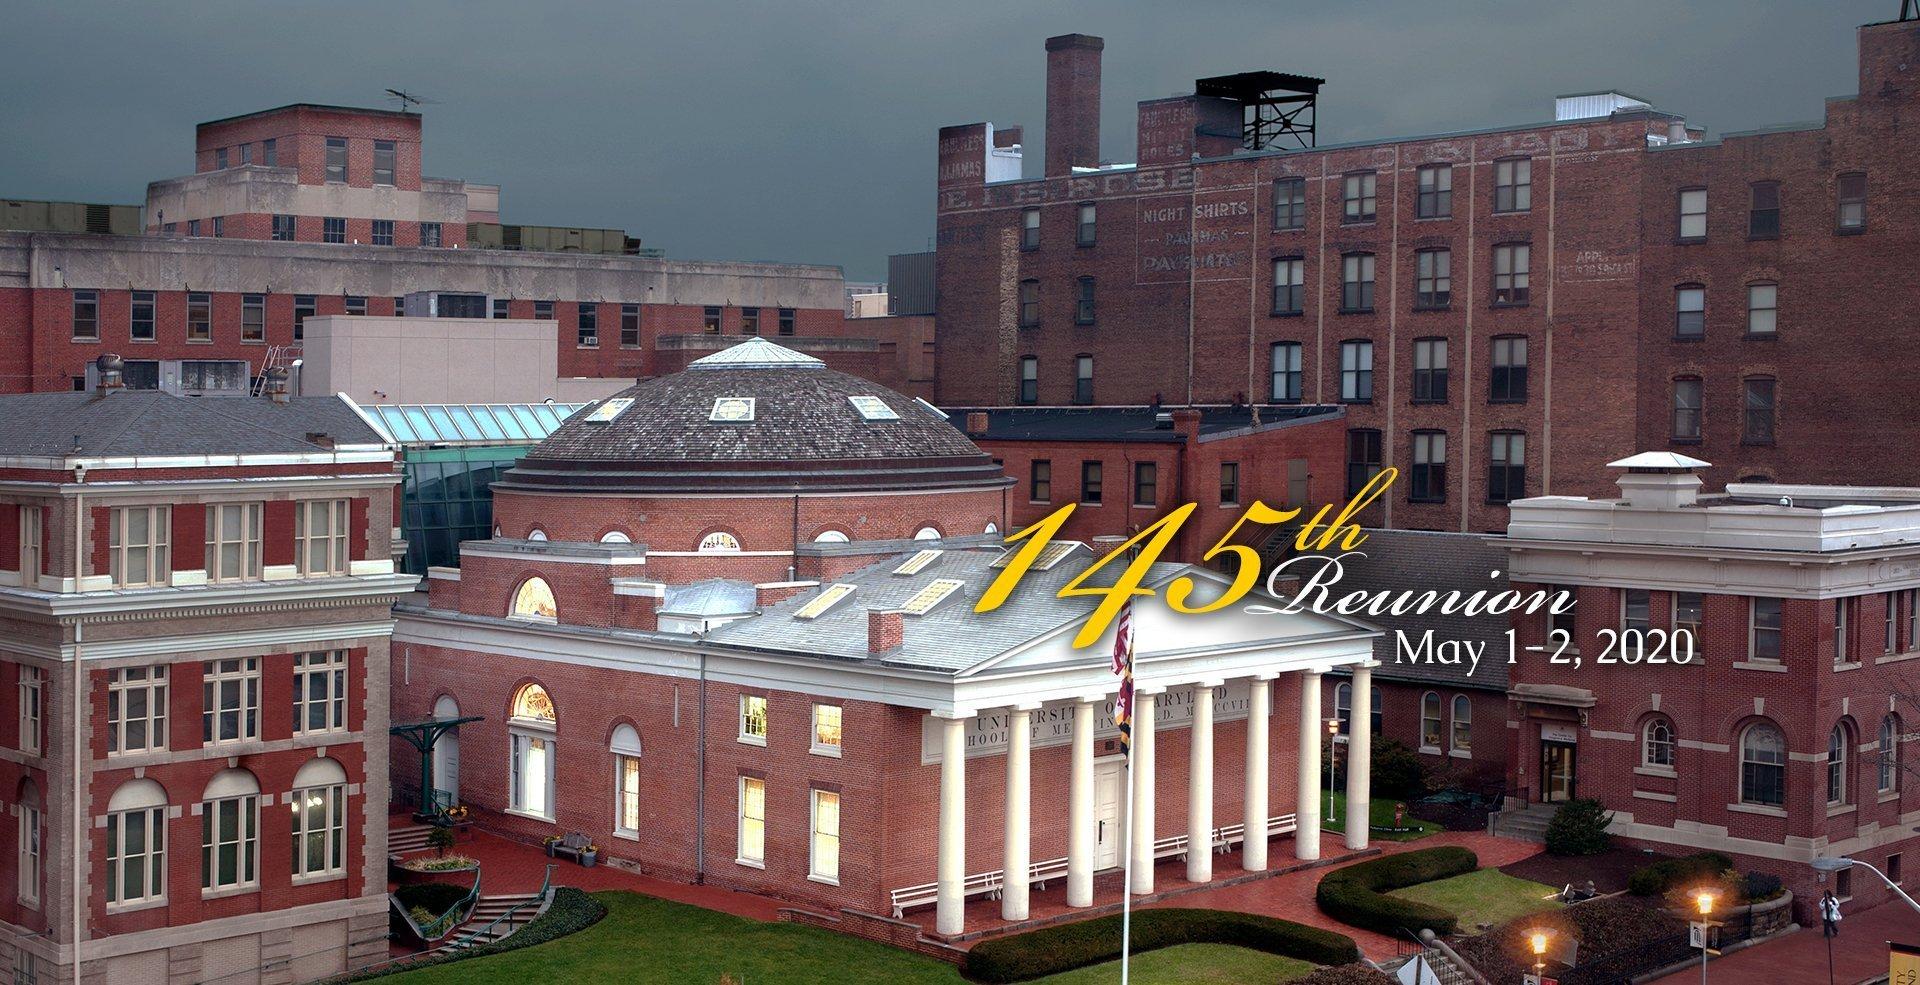 Universiteit van Maryland dating site